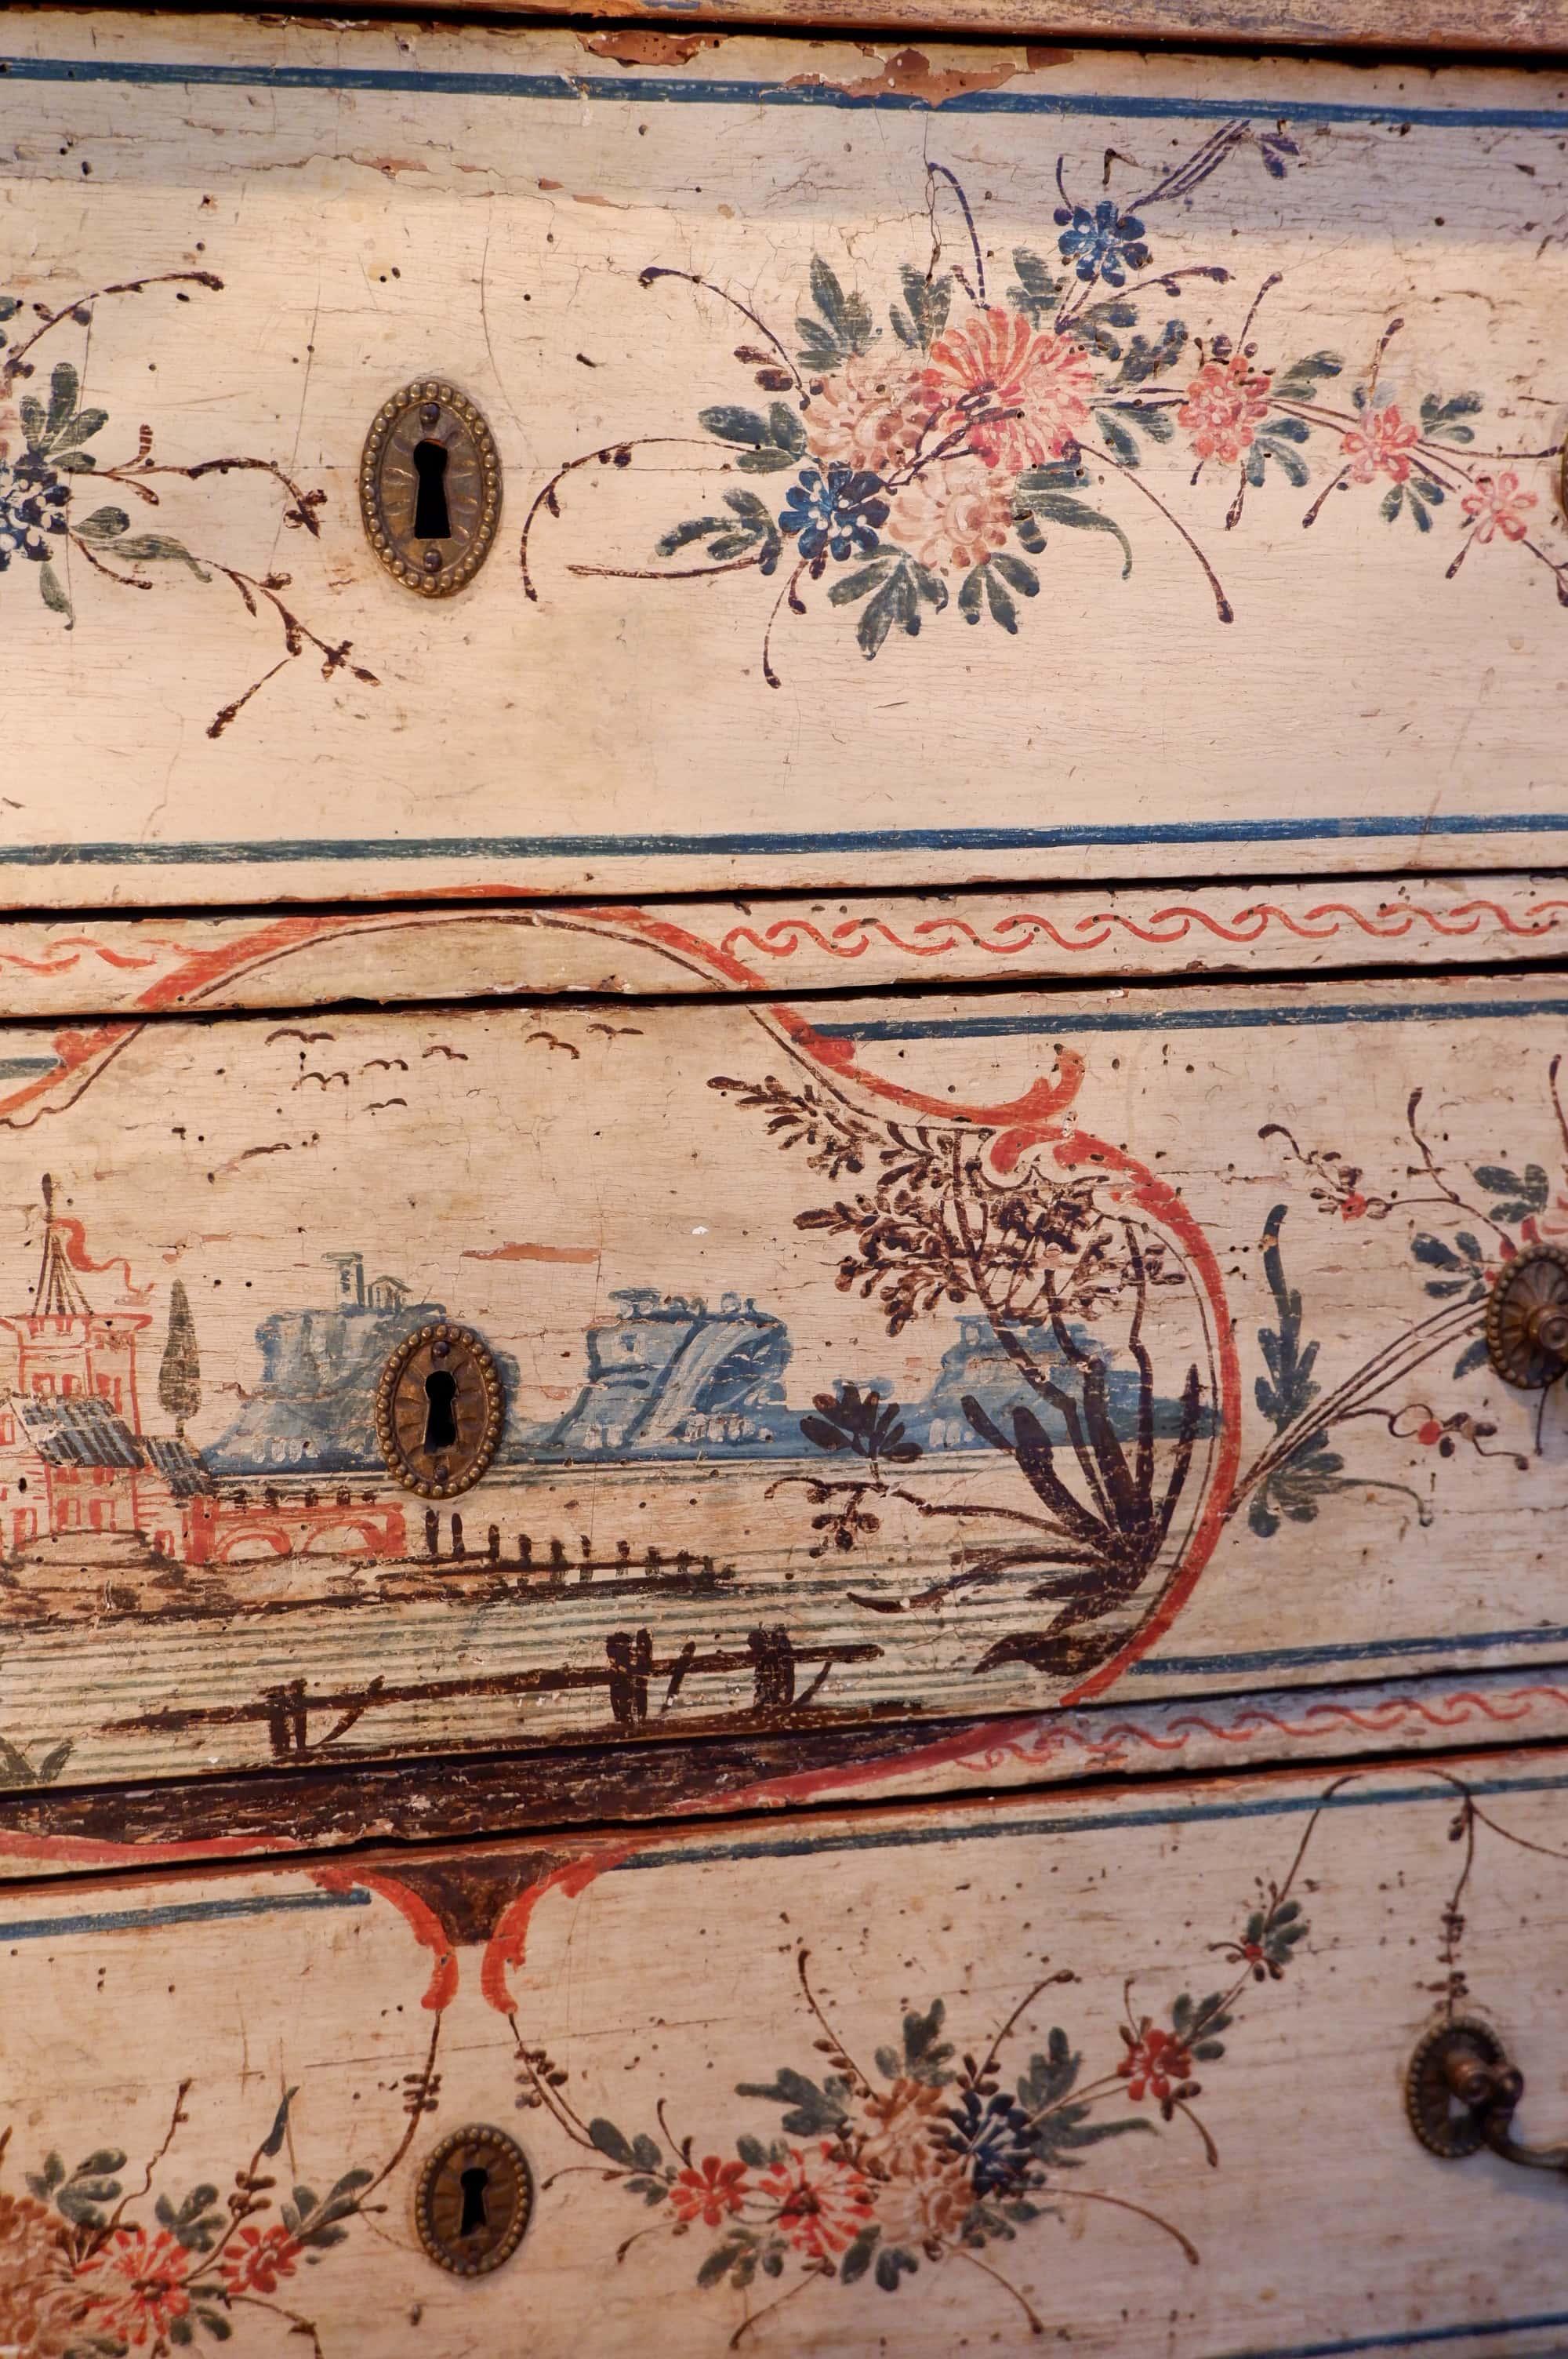 Commode d'entrée laque Vénitienne polychrome fond ivoire d'époque XVIIIE